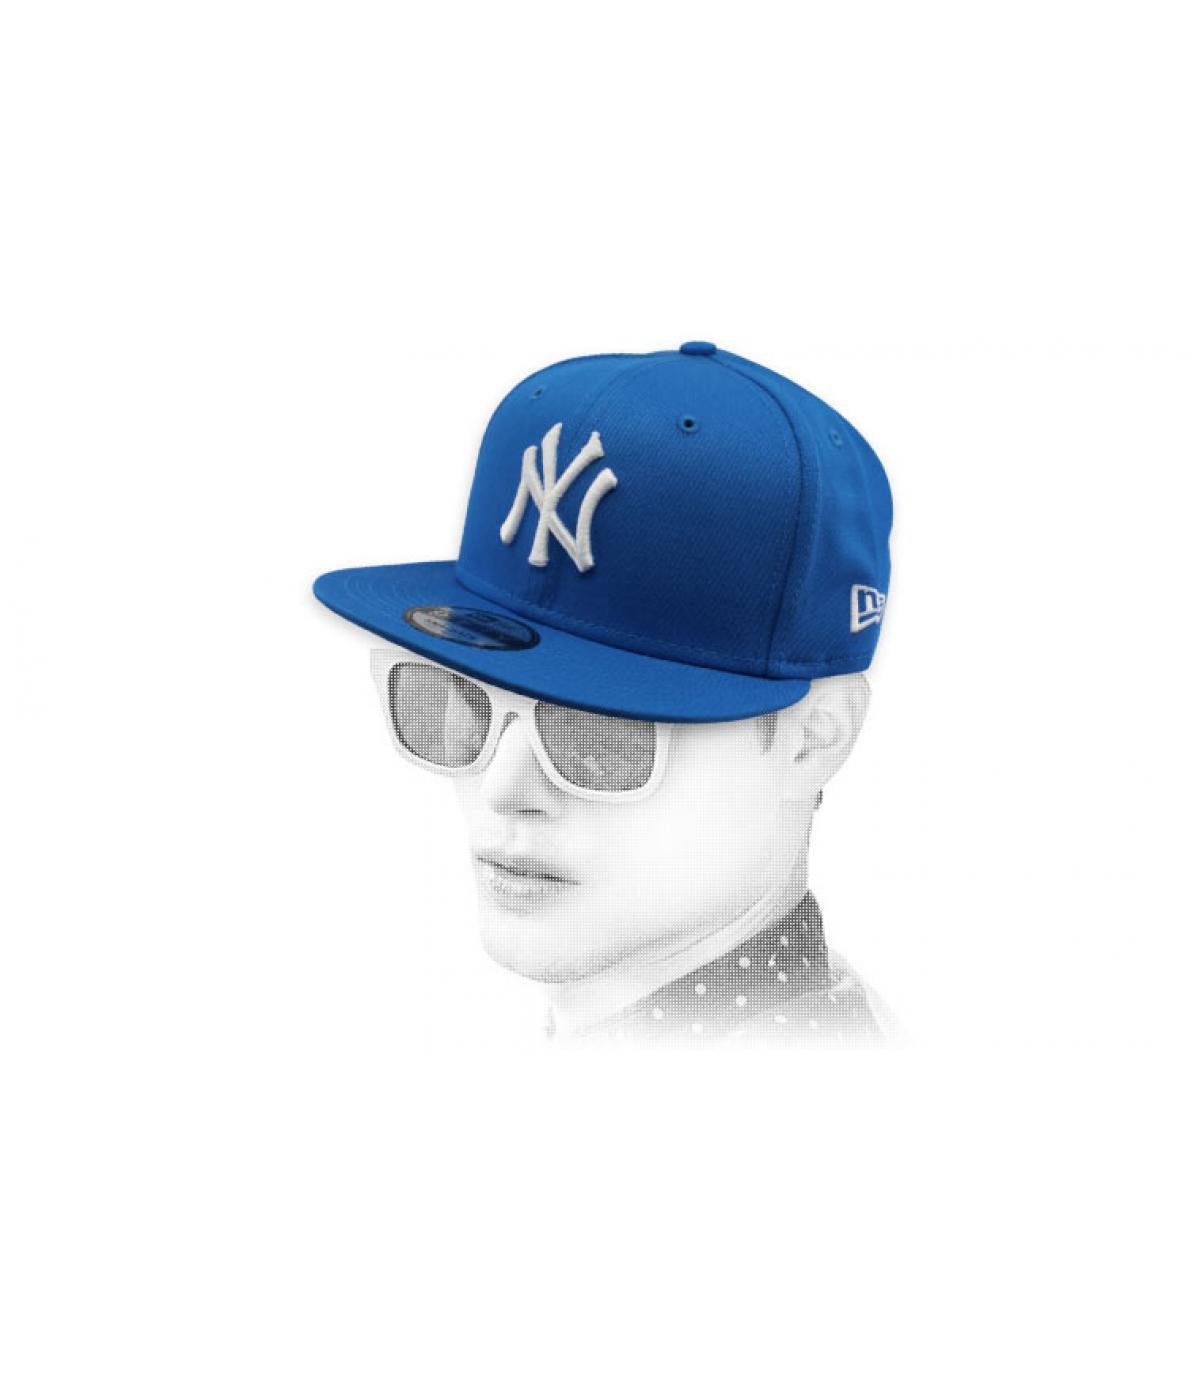 snapback NY azul blanco